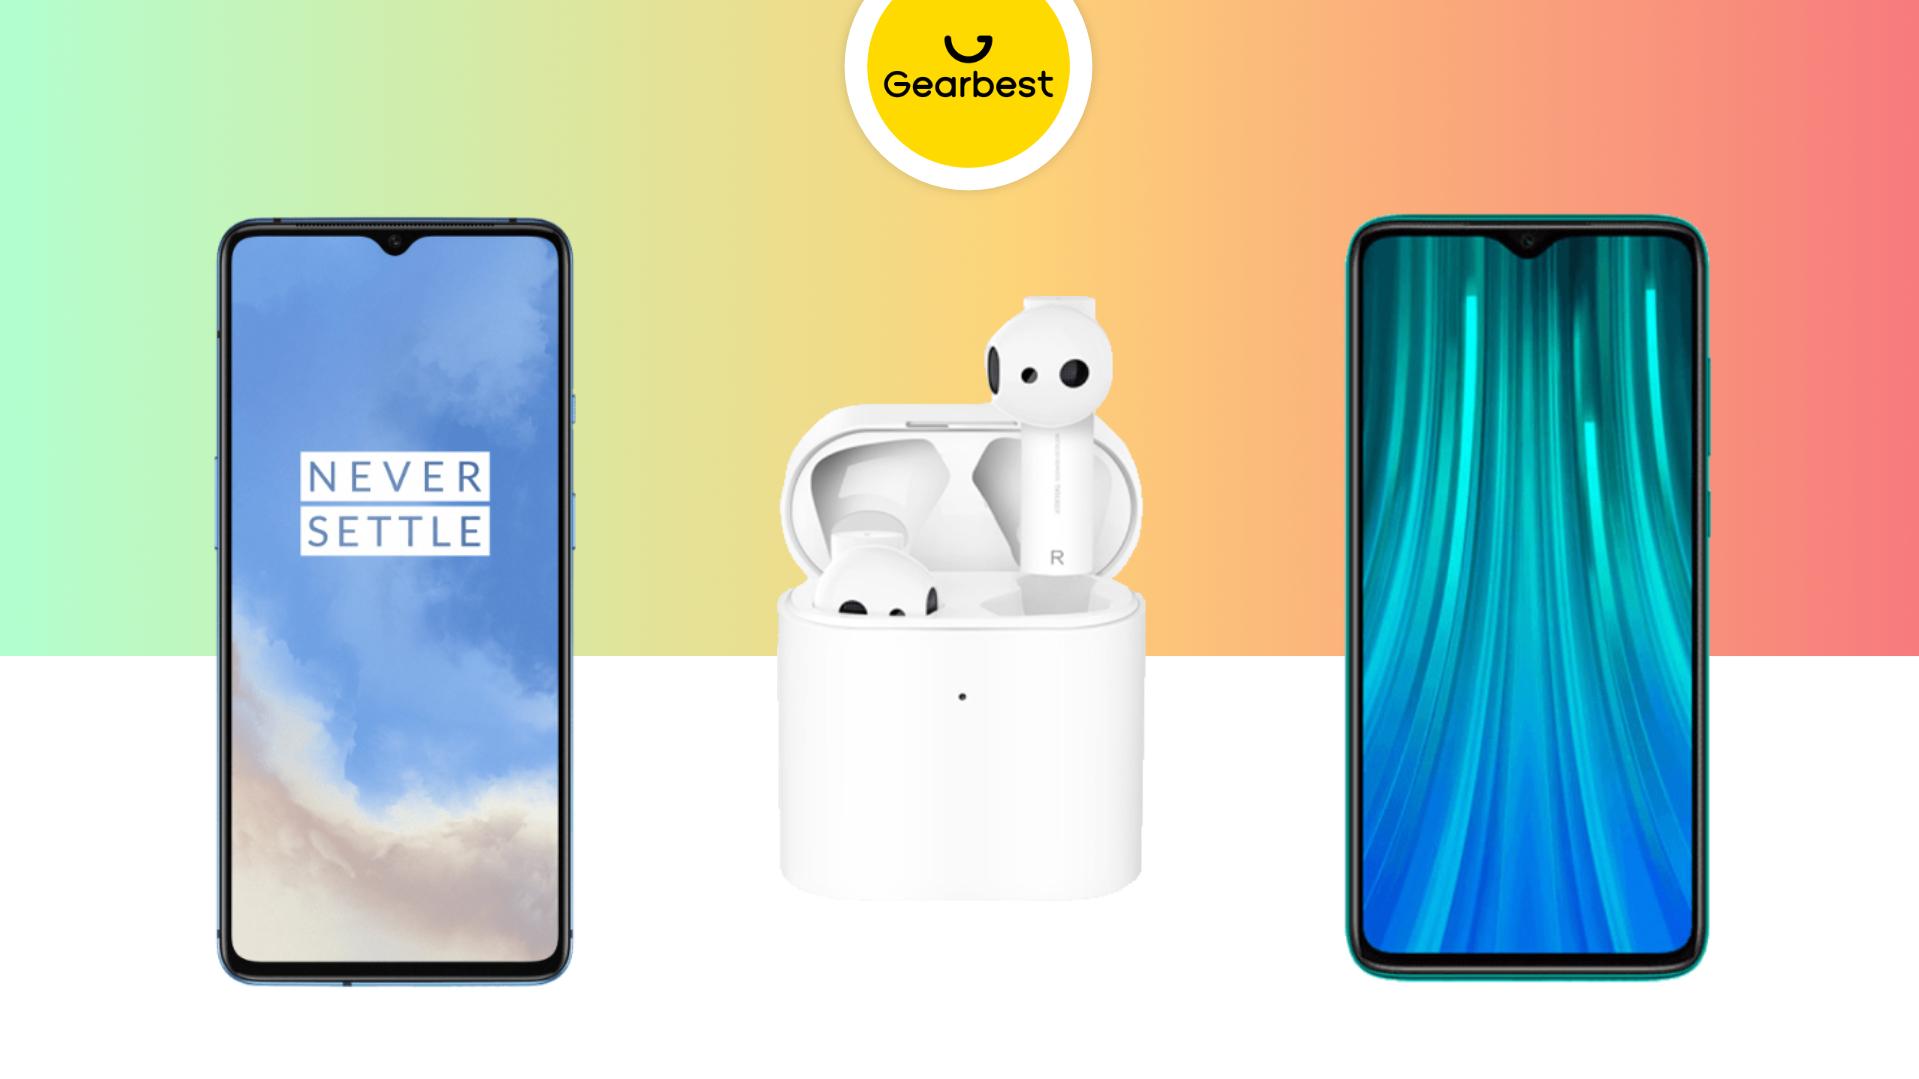 Redmi Note 8 Pro à 193 euros, Xiaomi Airdots Pro 2 à 48 euros et OnePlus 7T à 487 euros